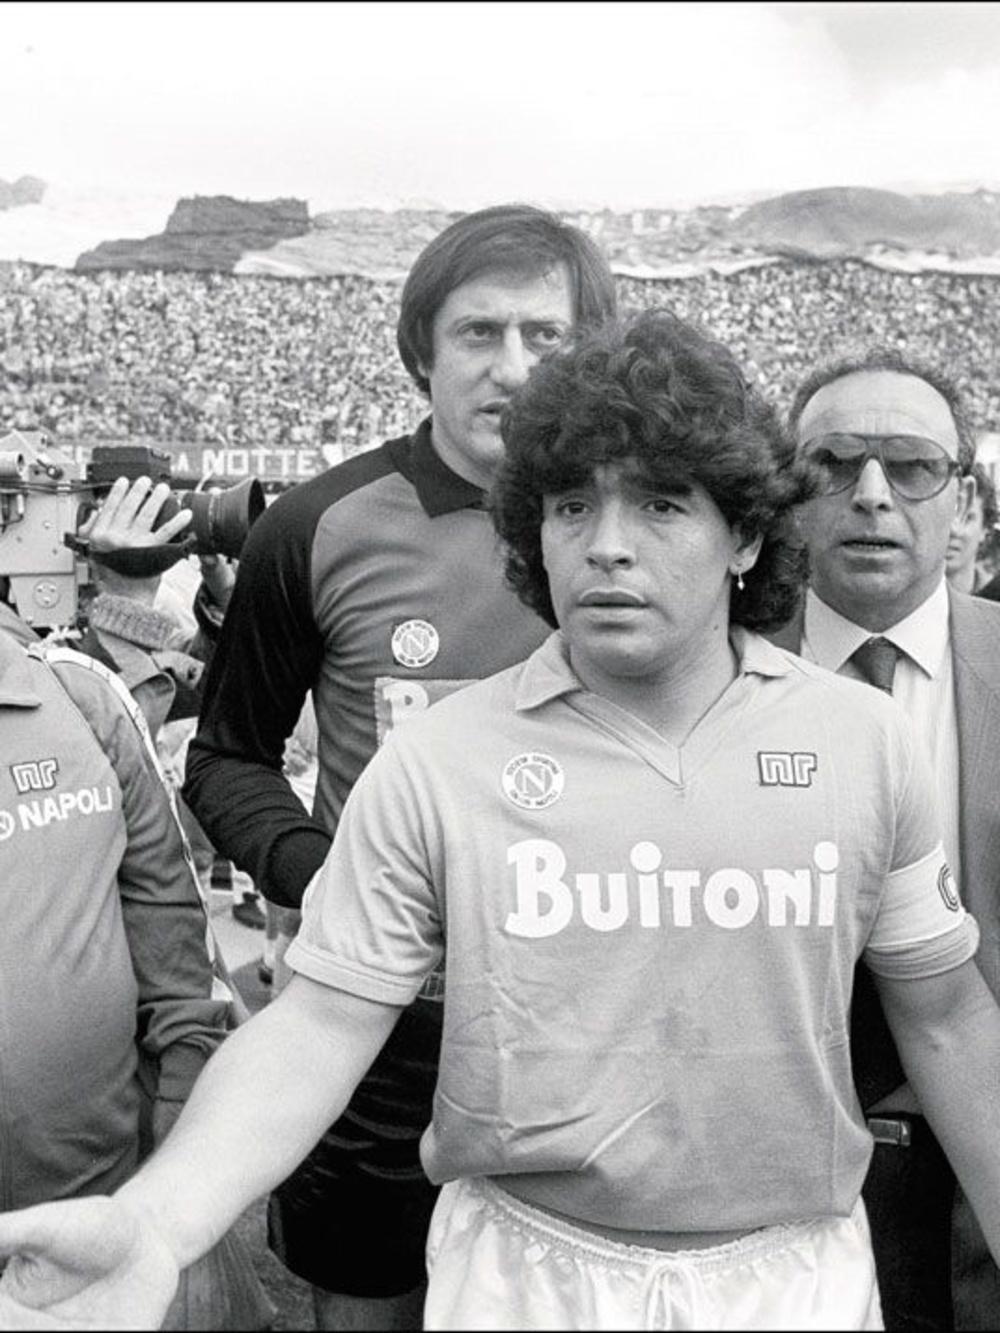 À l'arrivée de Maradona à Naples en 1984, il était le transfert le plus cher de tous les temps (6,7 millions d'euros). Il a coûté plus que Michel Platini à la Juventus., belgaimage